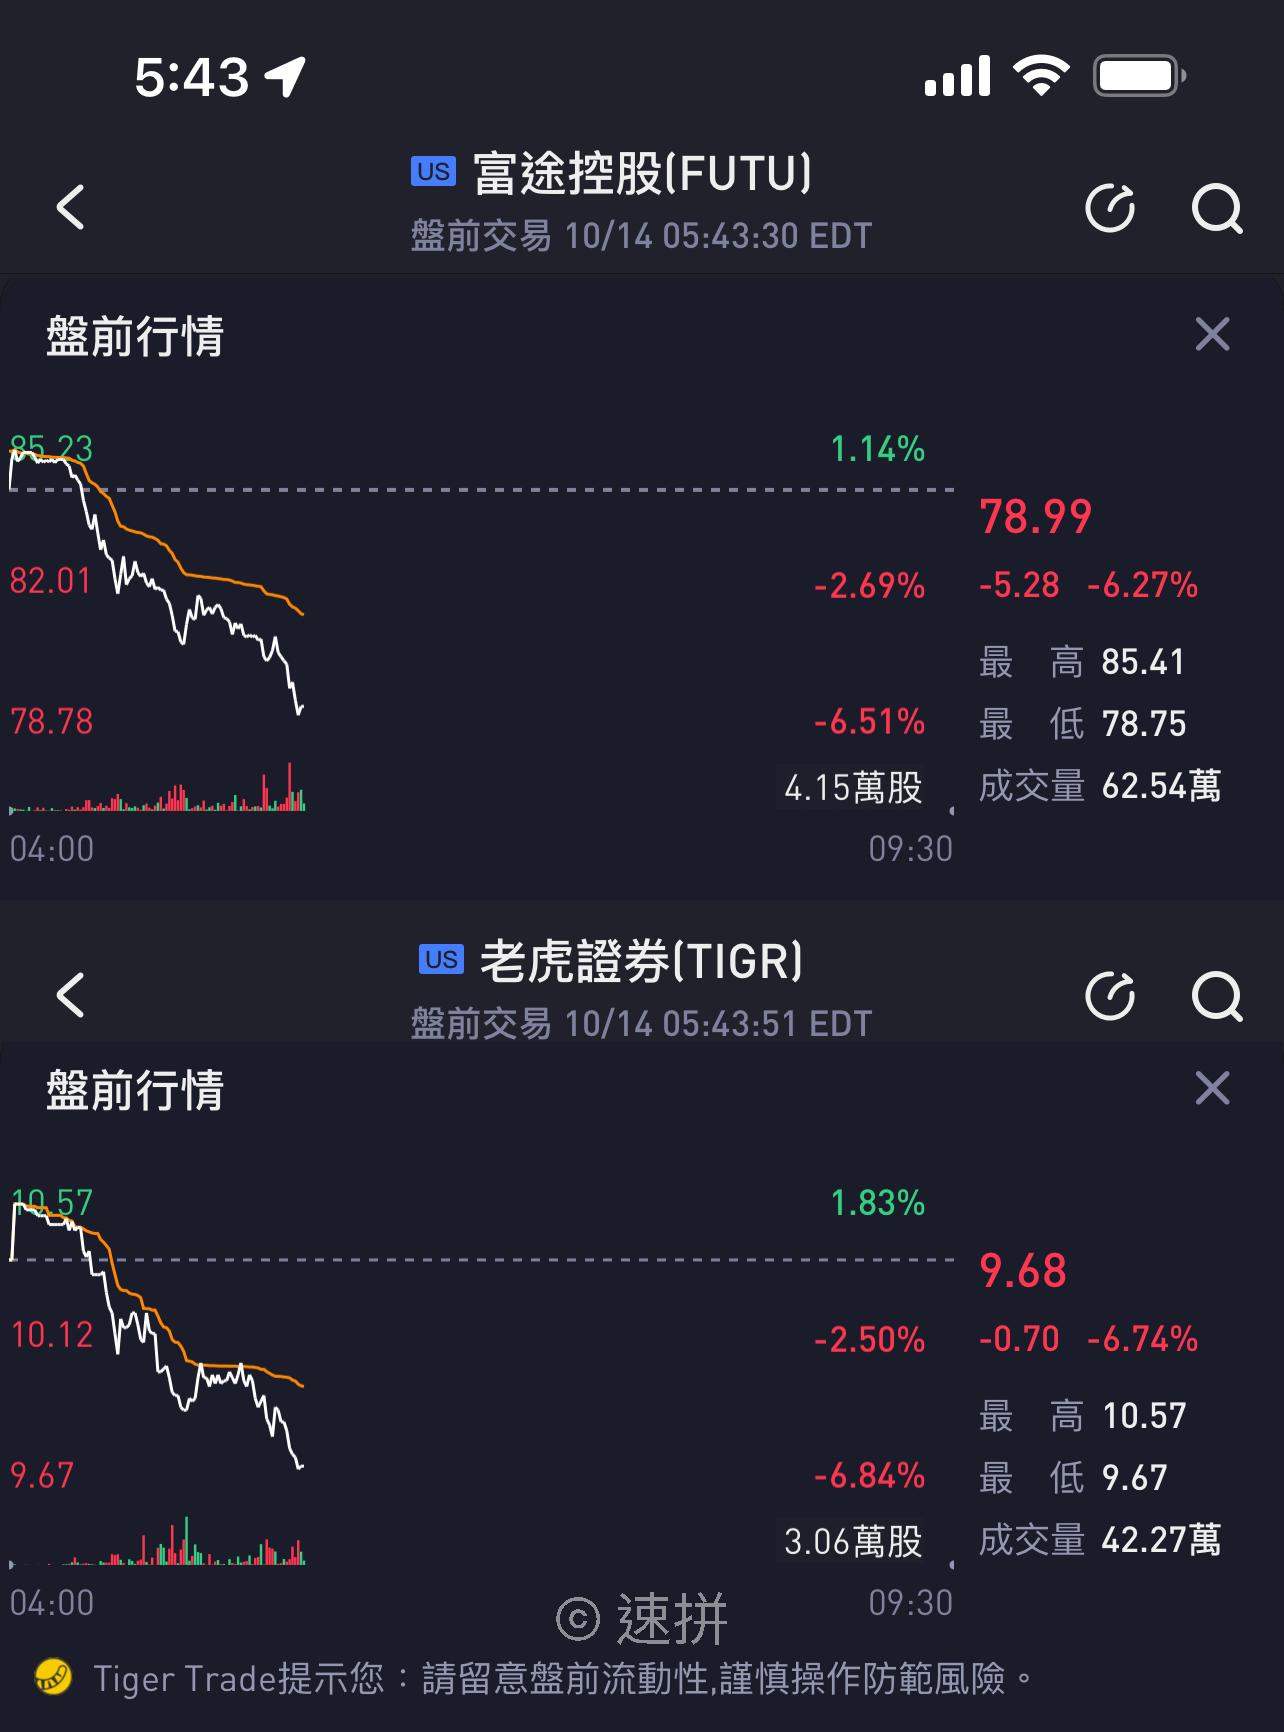 富途控股、老虎证券盘前跌超6% 人民网此前发表相关风险评论